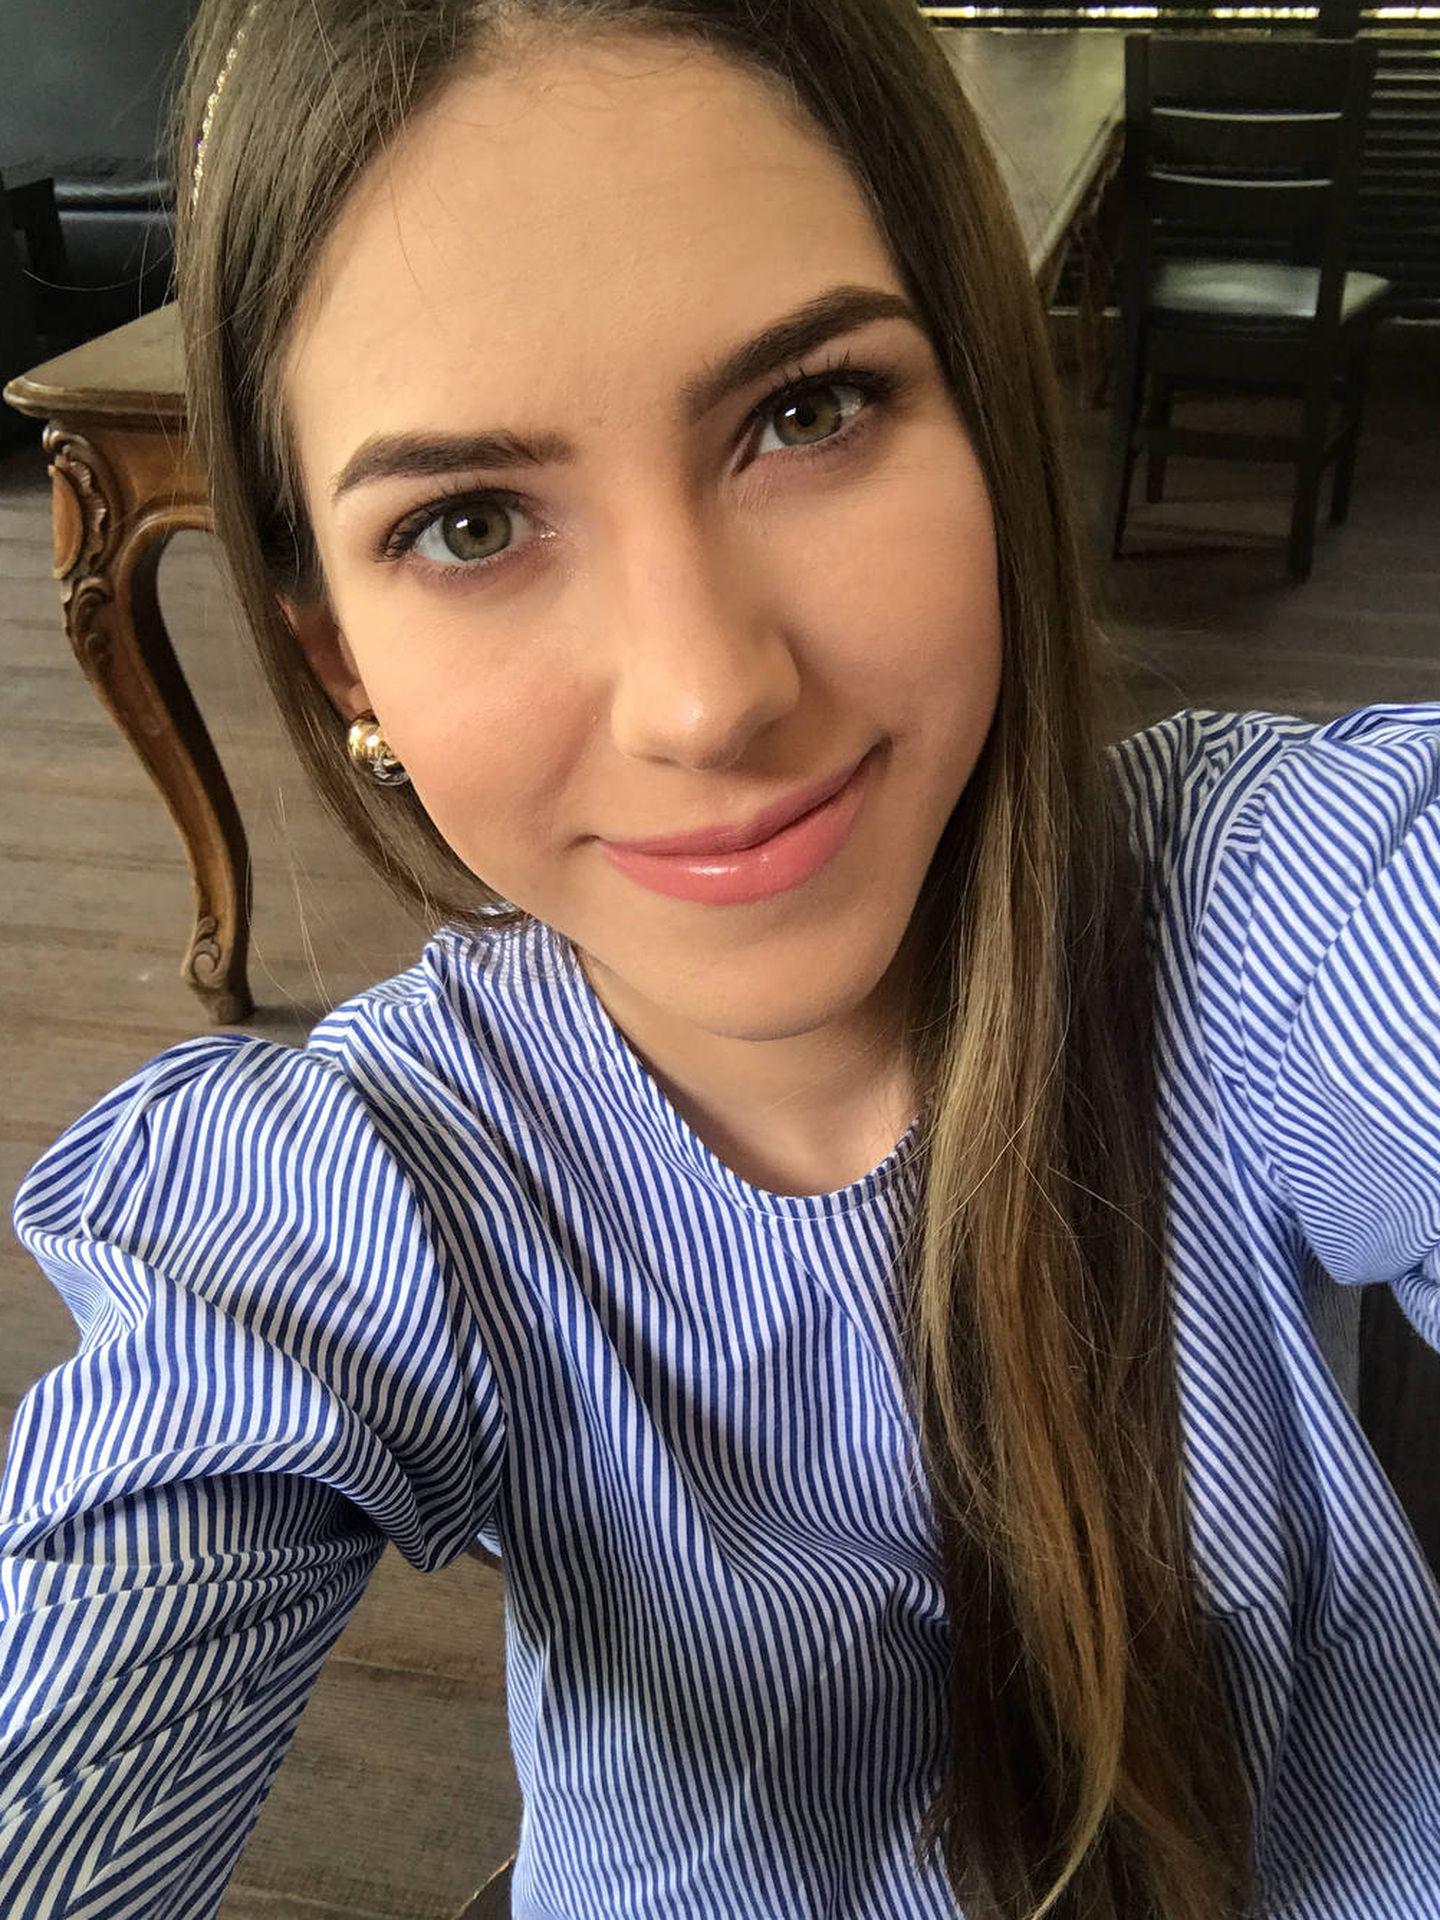 Fabiola en uno de sus selfies de Instagram.